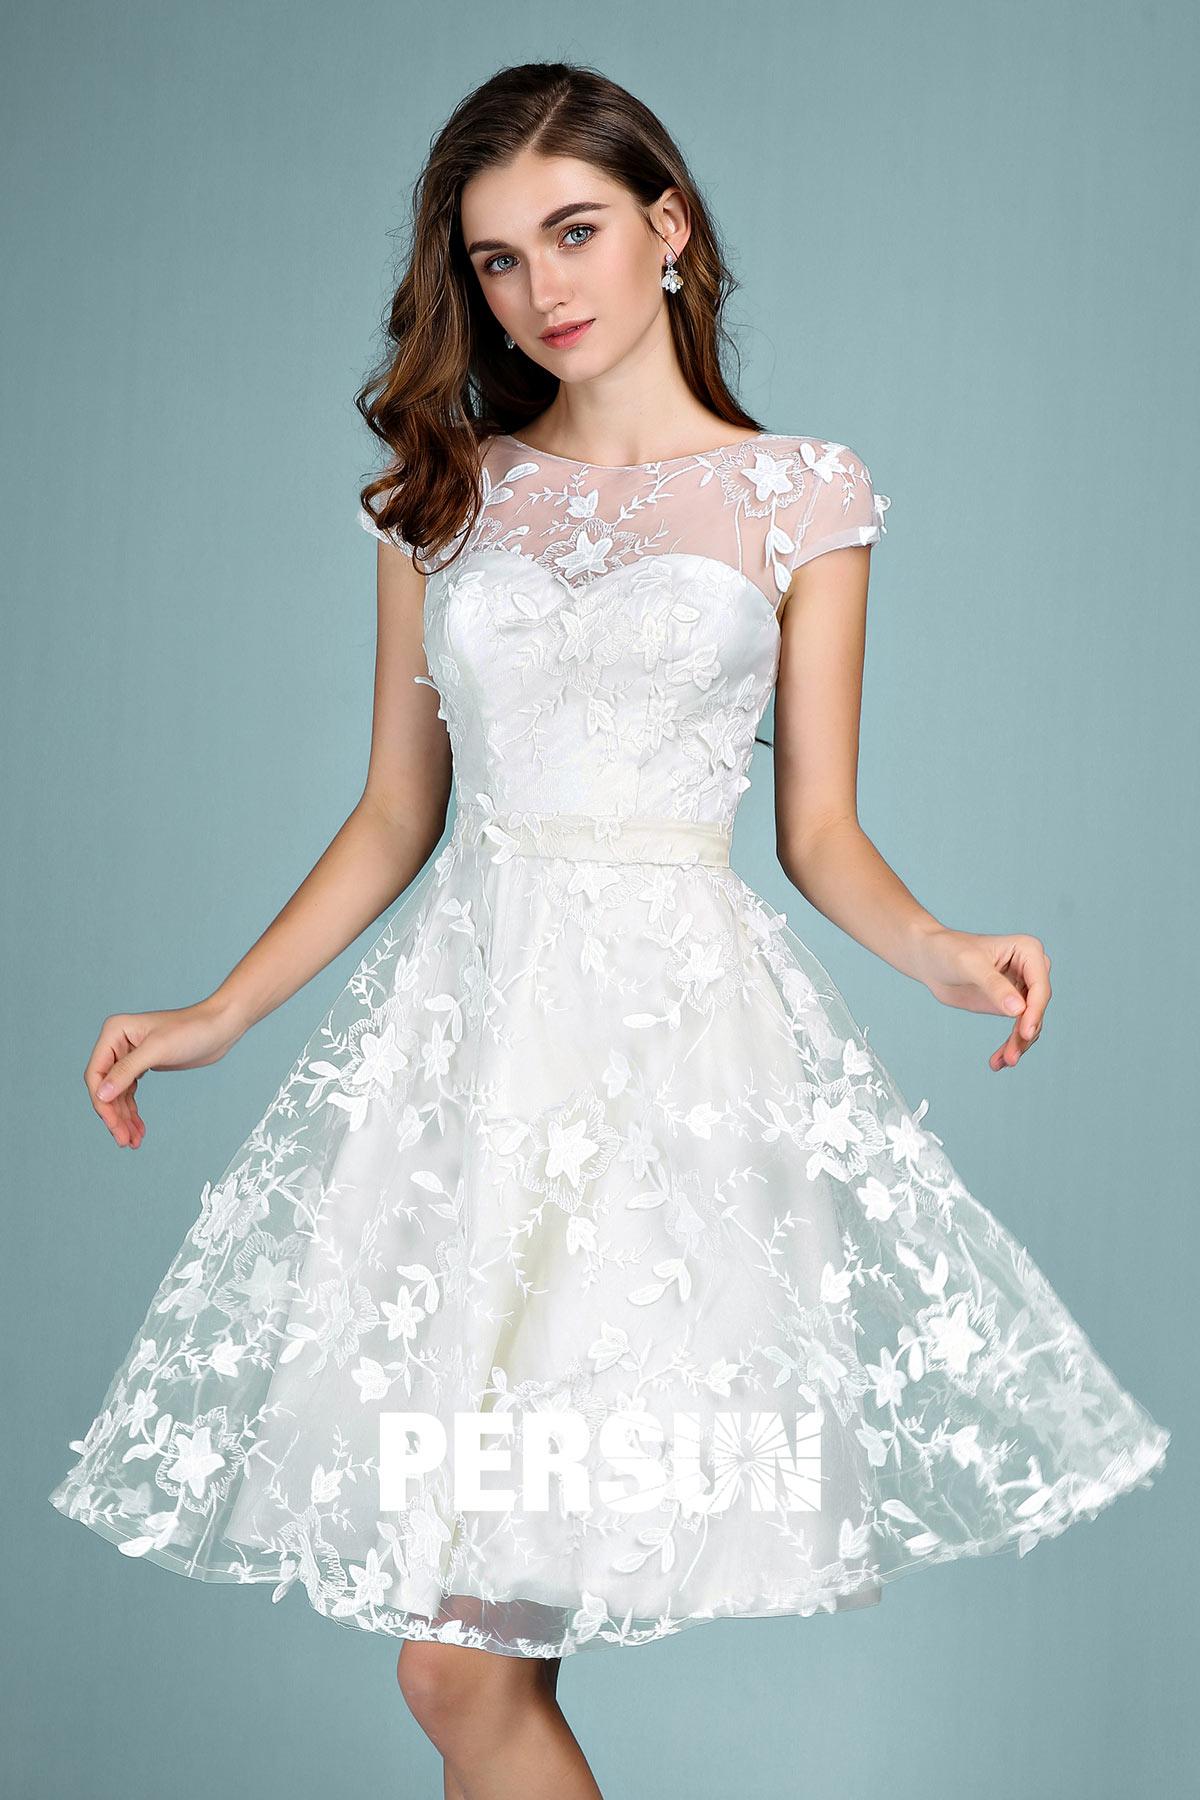 fb6516c880c robe de cocktail blanche courte en dentelle 3D